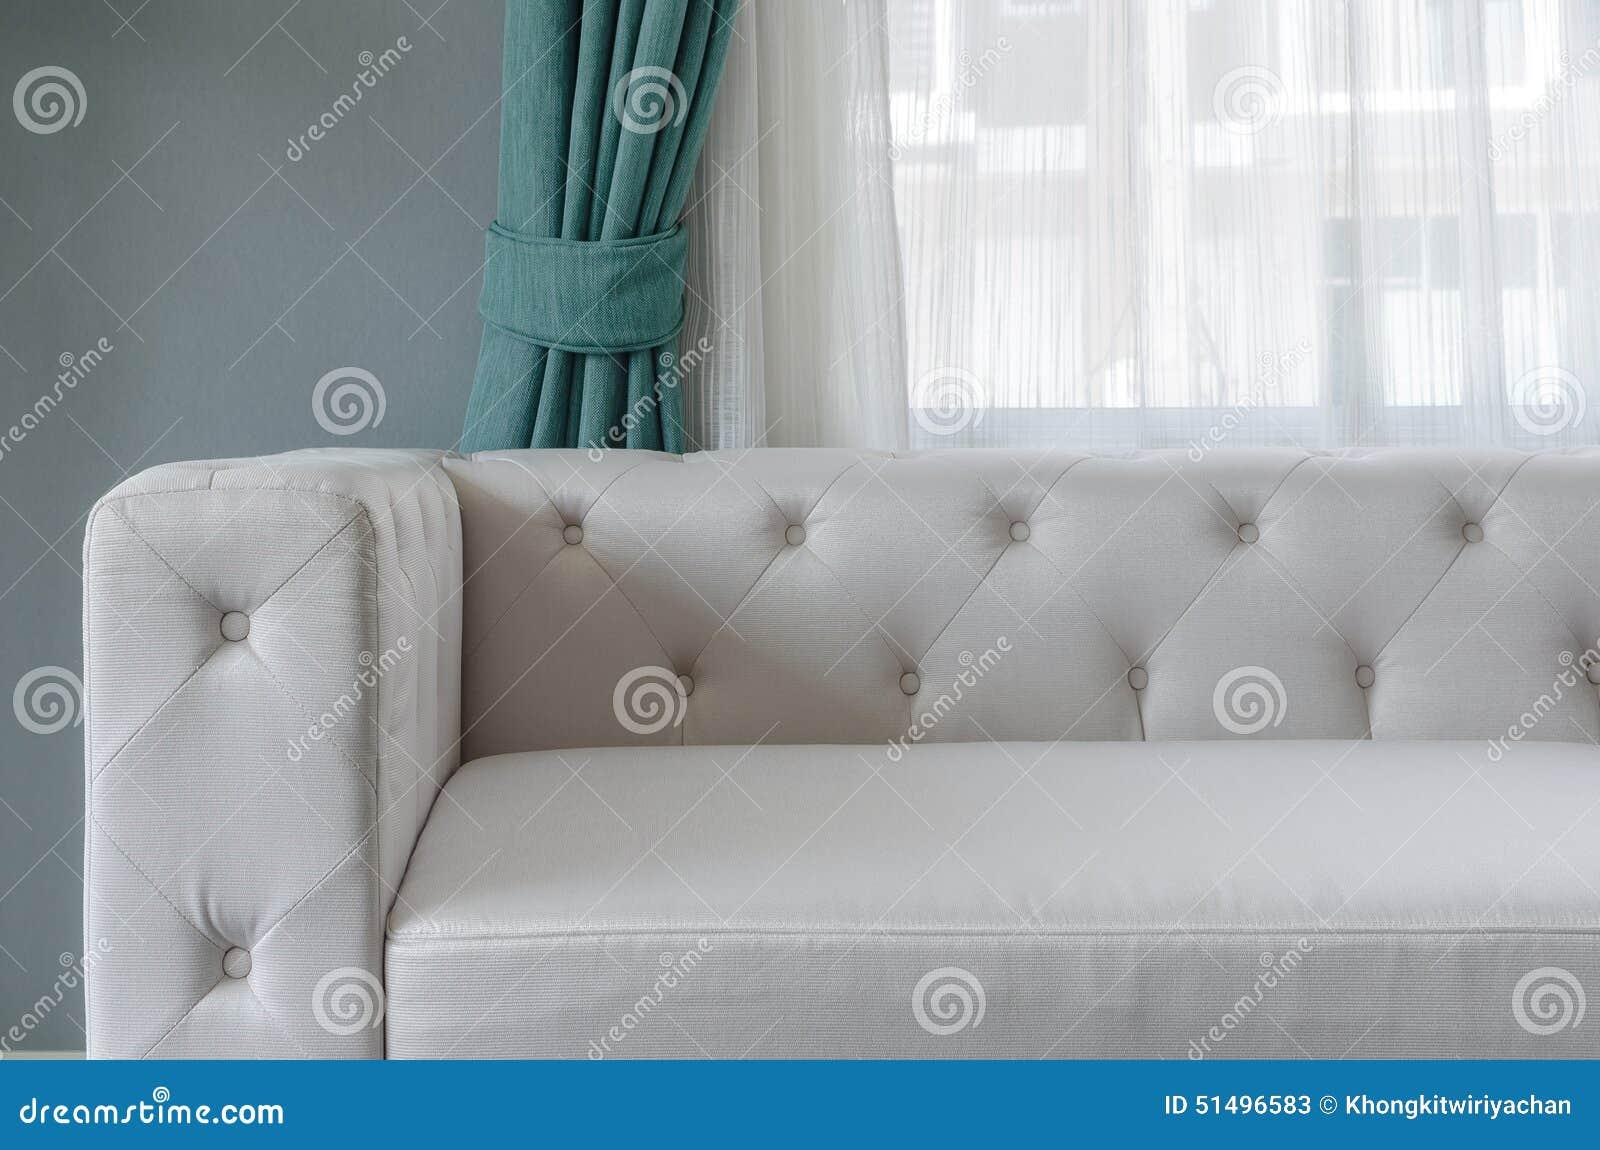 Download Modernes Weißes Sofa Mit Grüner Wand Und Vorhang Im Wohnzimmer  Stockbild   Bild Von Relax